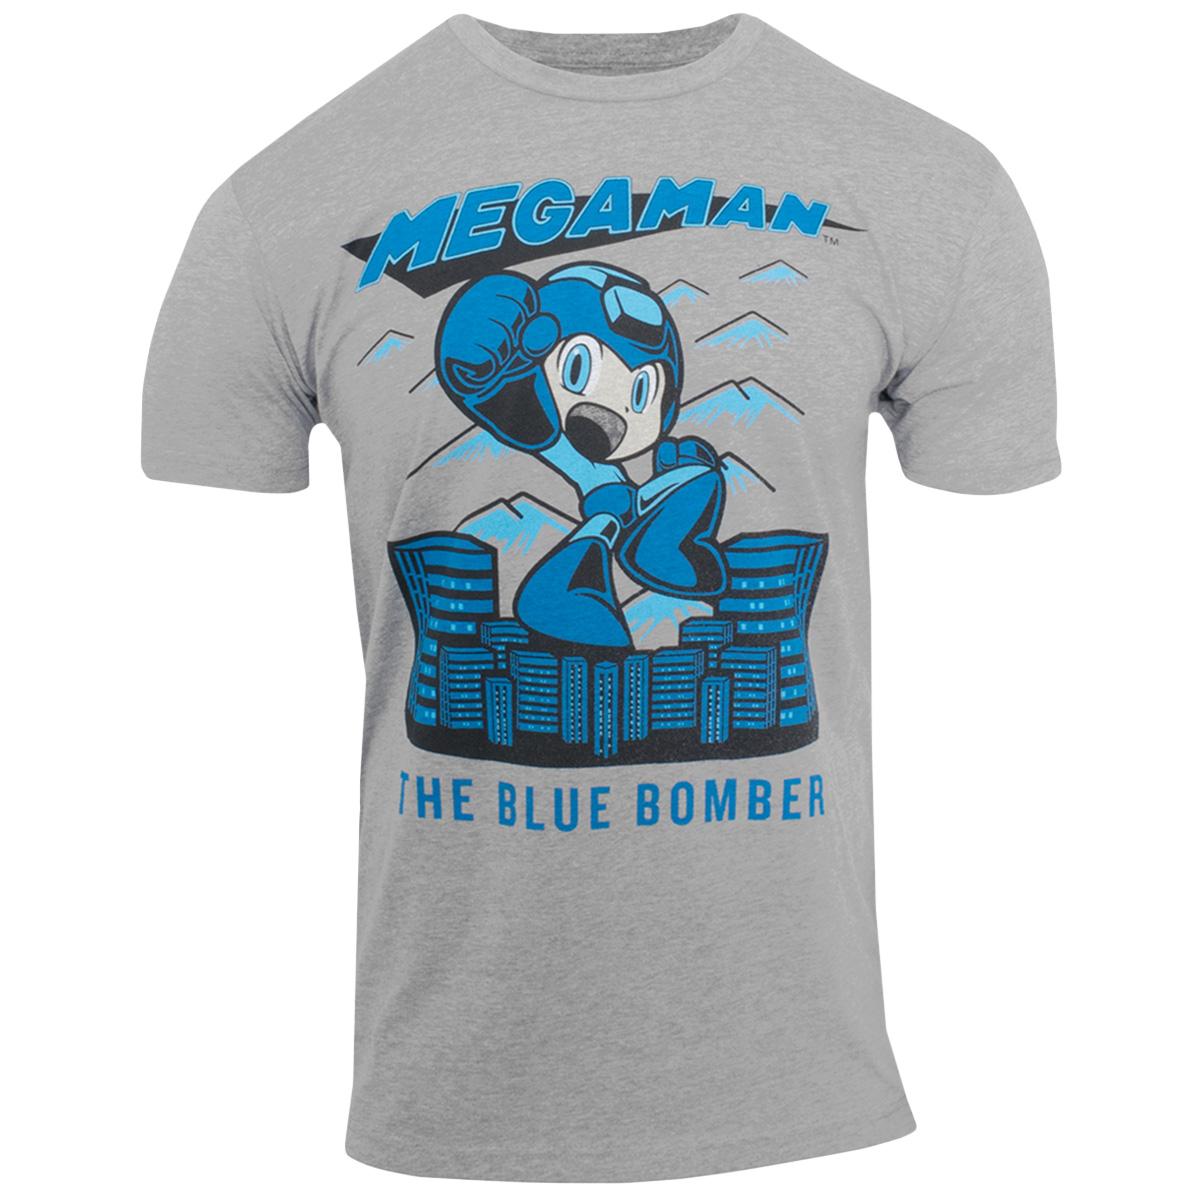 Mega Man Capcom Video Game The Blue Bomber Adult T Shirt